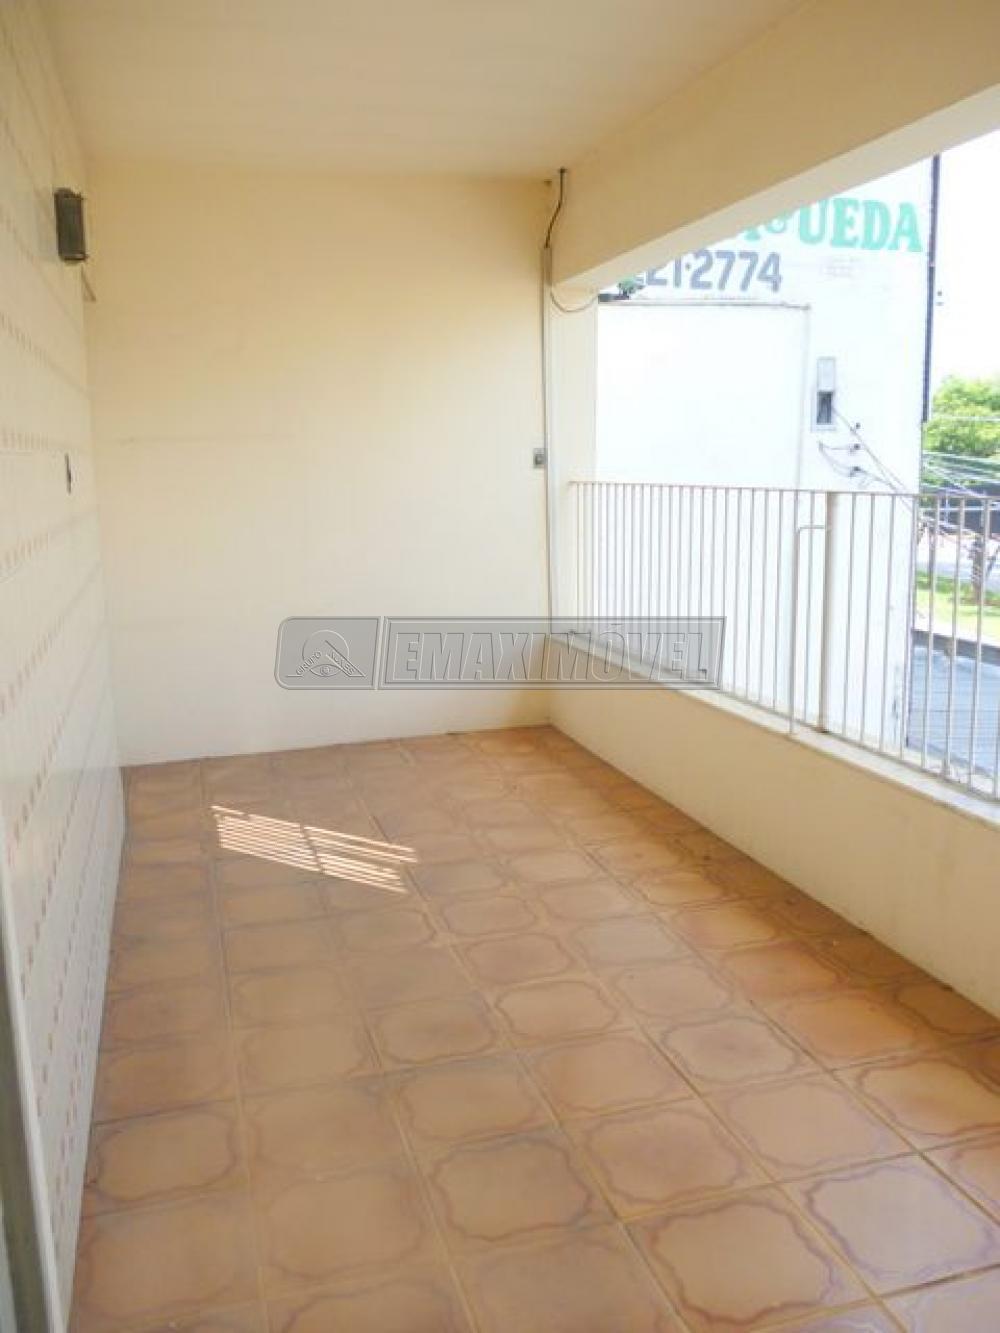 Comprar Salão Comercial / Negócios em Sorocaba R$ 1.950.000,00 - Foto 15